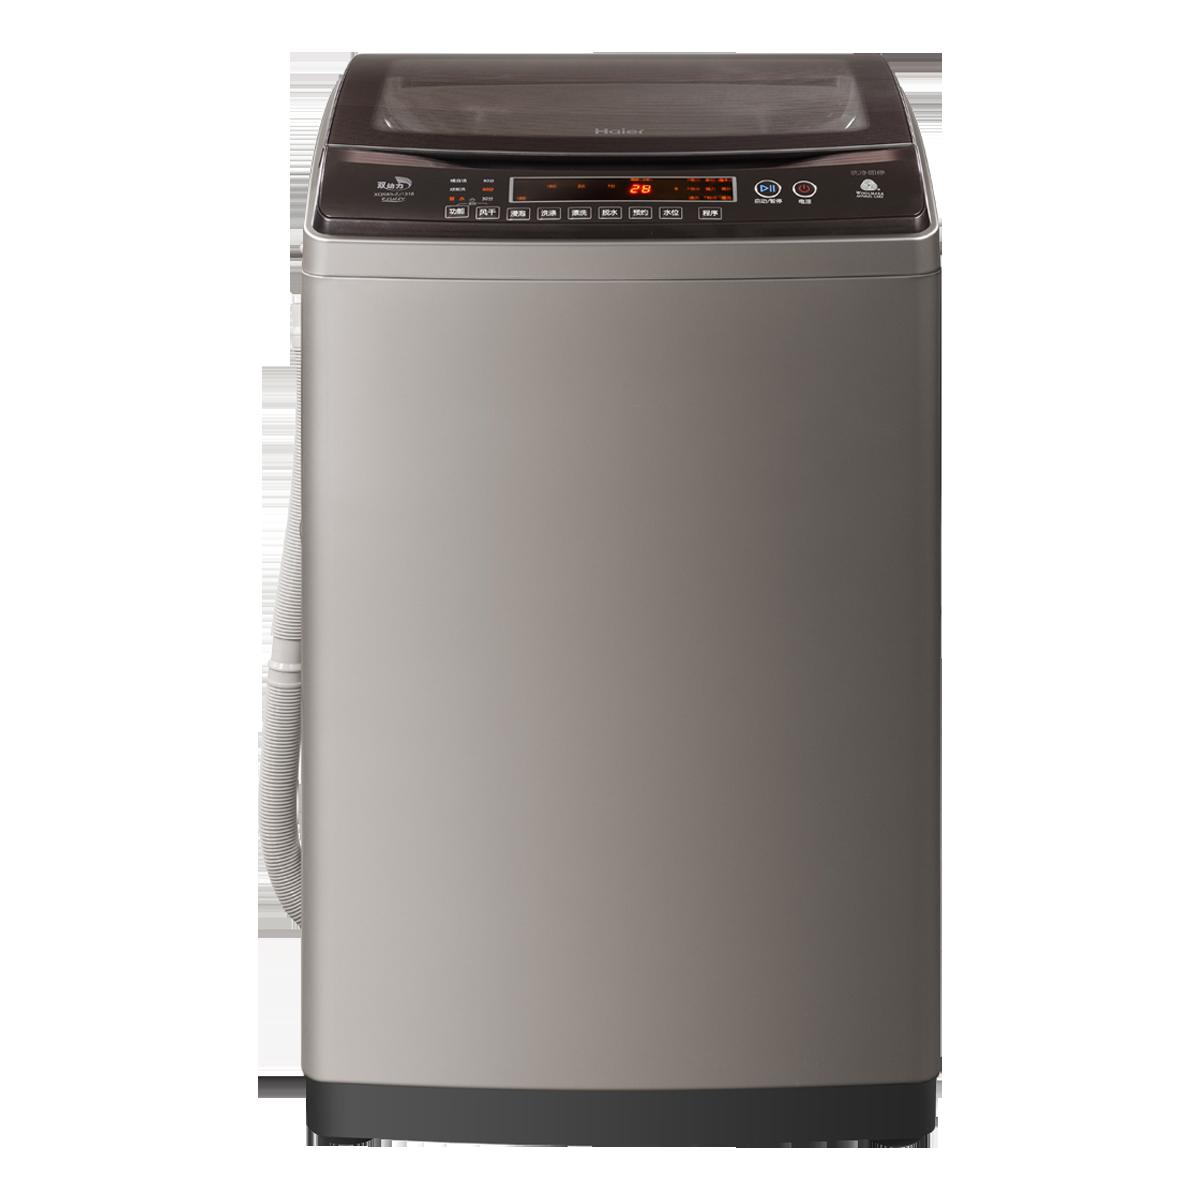 海尔Haier洗衣机 XQS85-ZJ1318 说明书